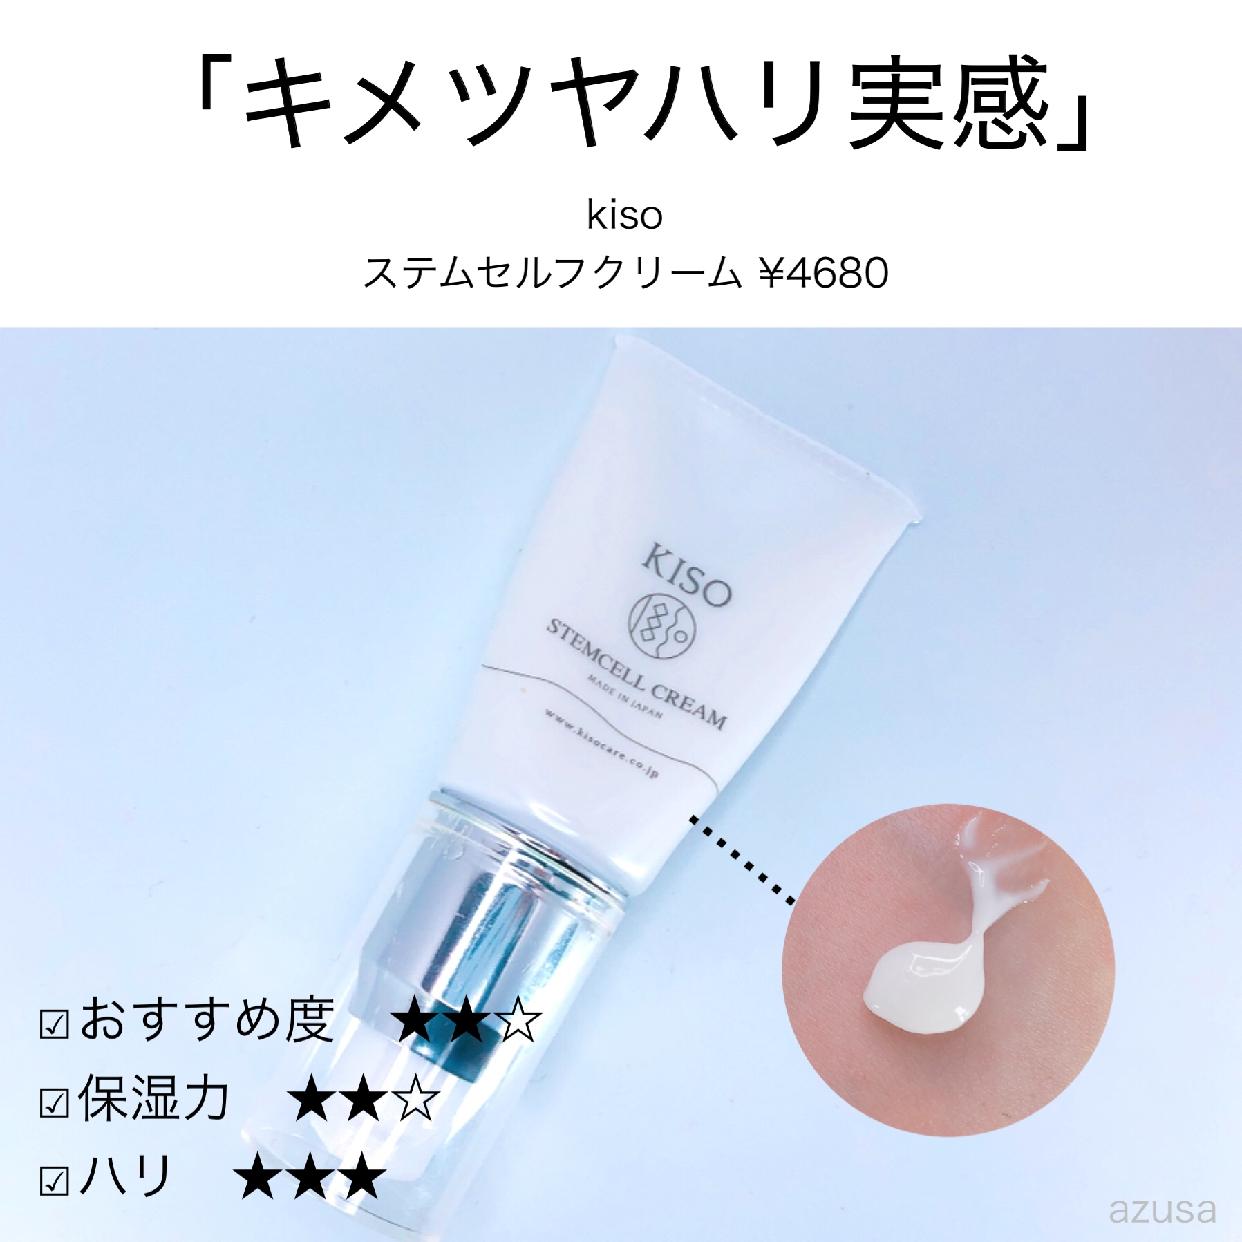 KISO(キソ) ステム セルフ クリームを使ったあずささんのクチコミ画像1